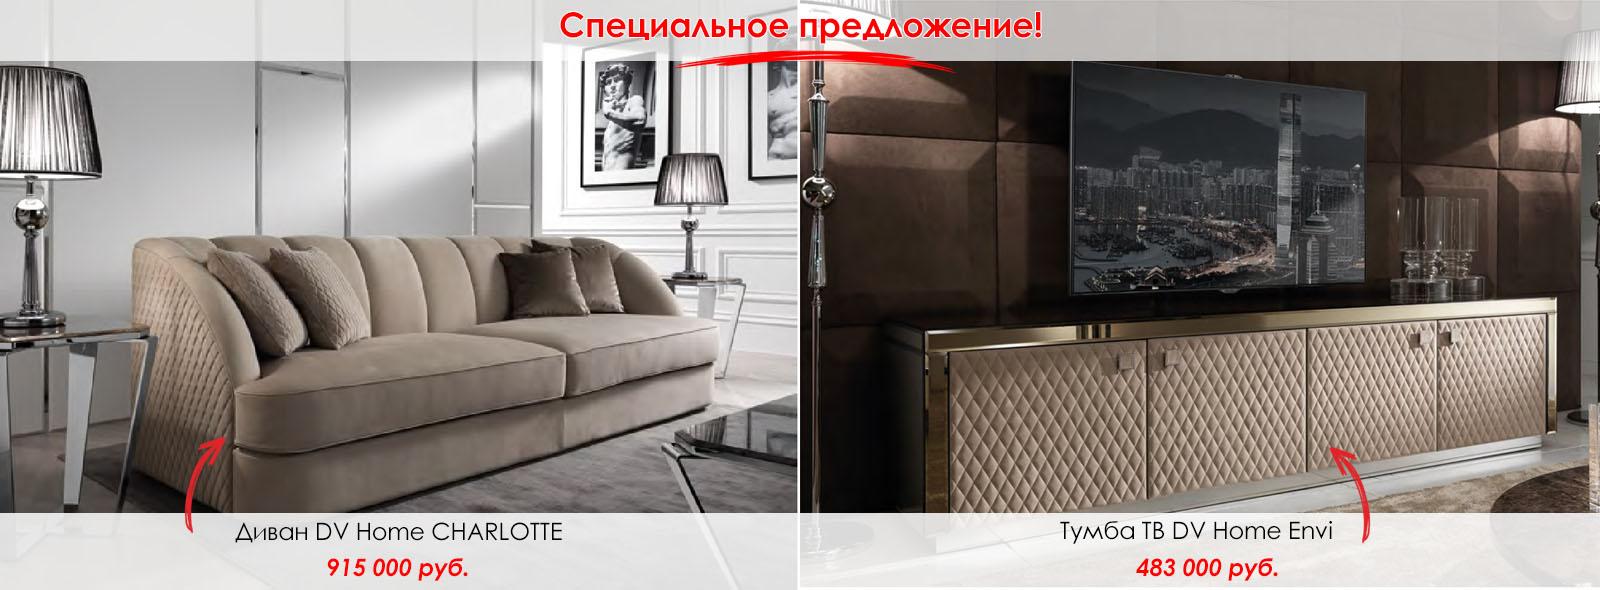 slide 150621 2